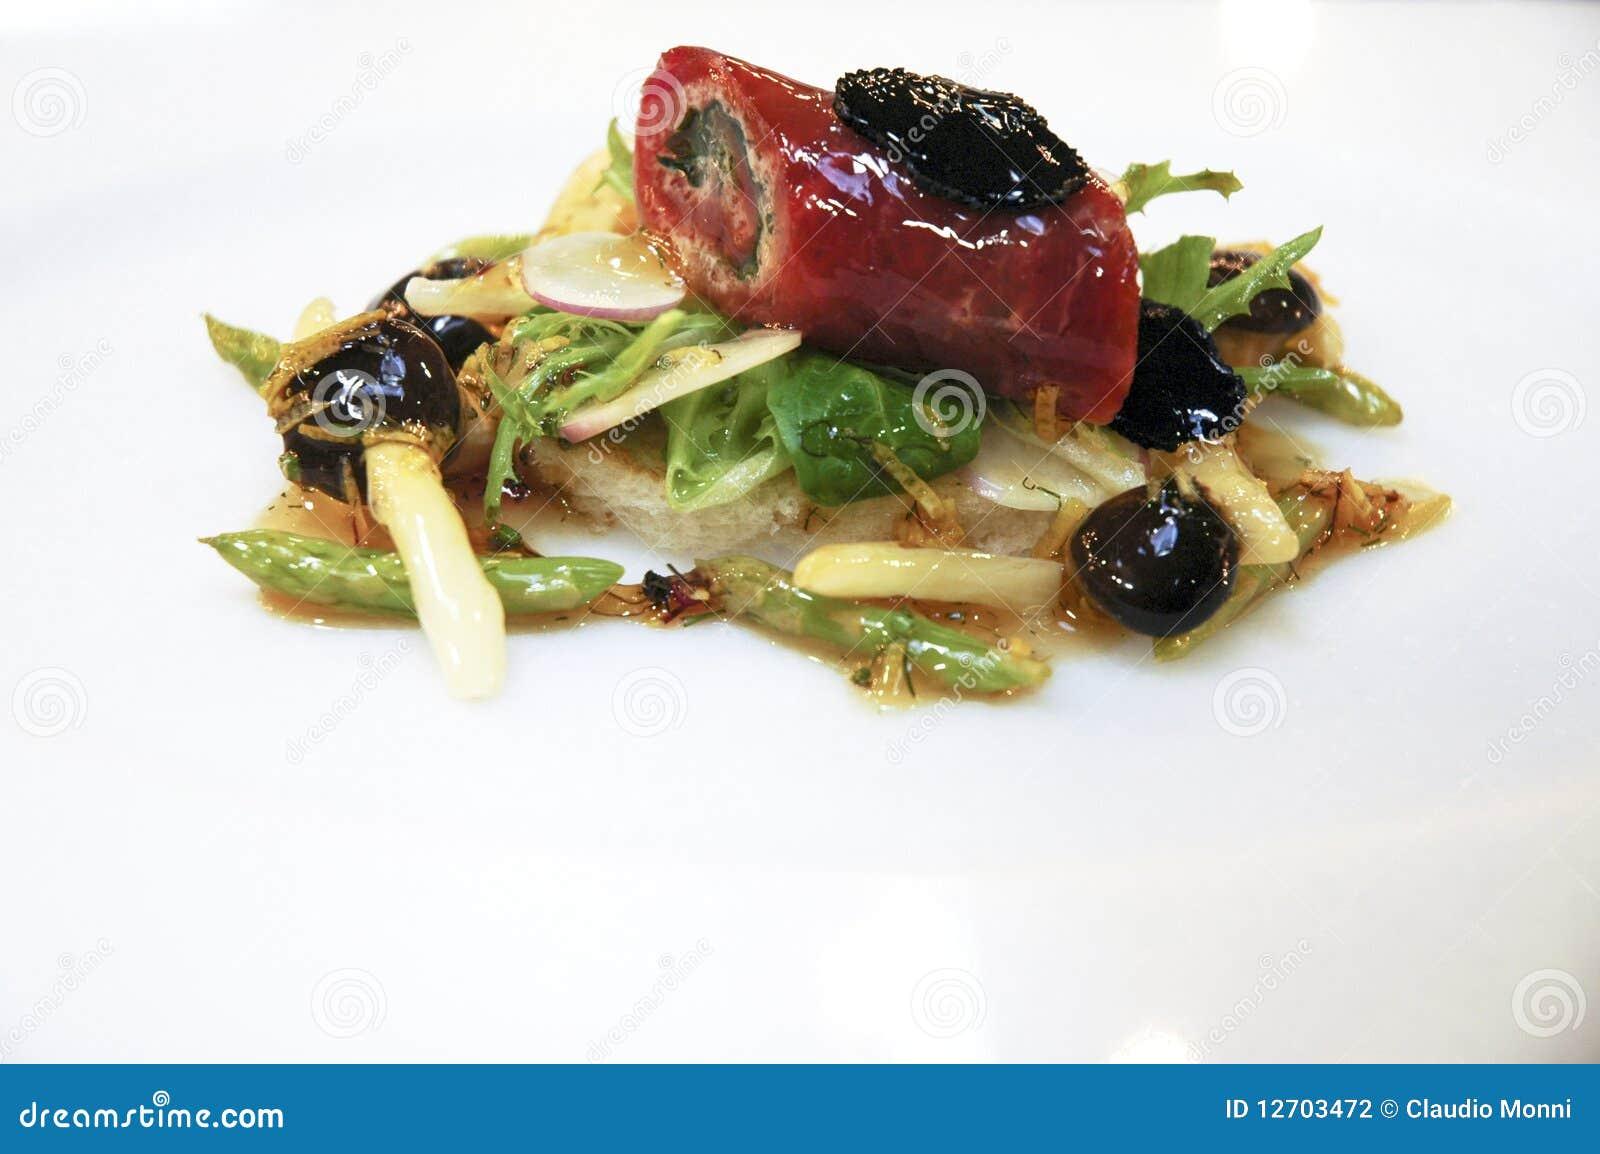 Cucina italiana fotografia stock immagine di colorato for P cucina italiana